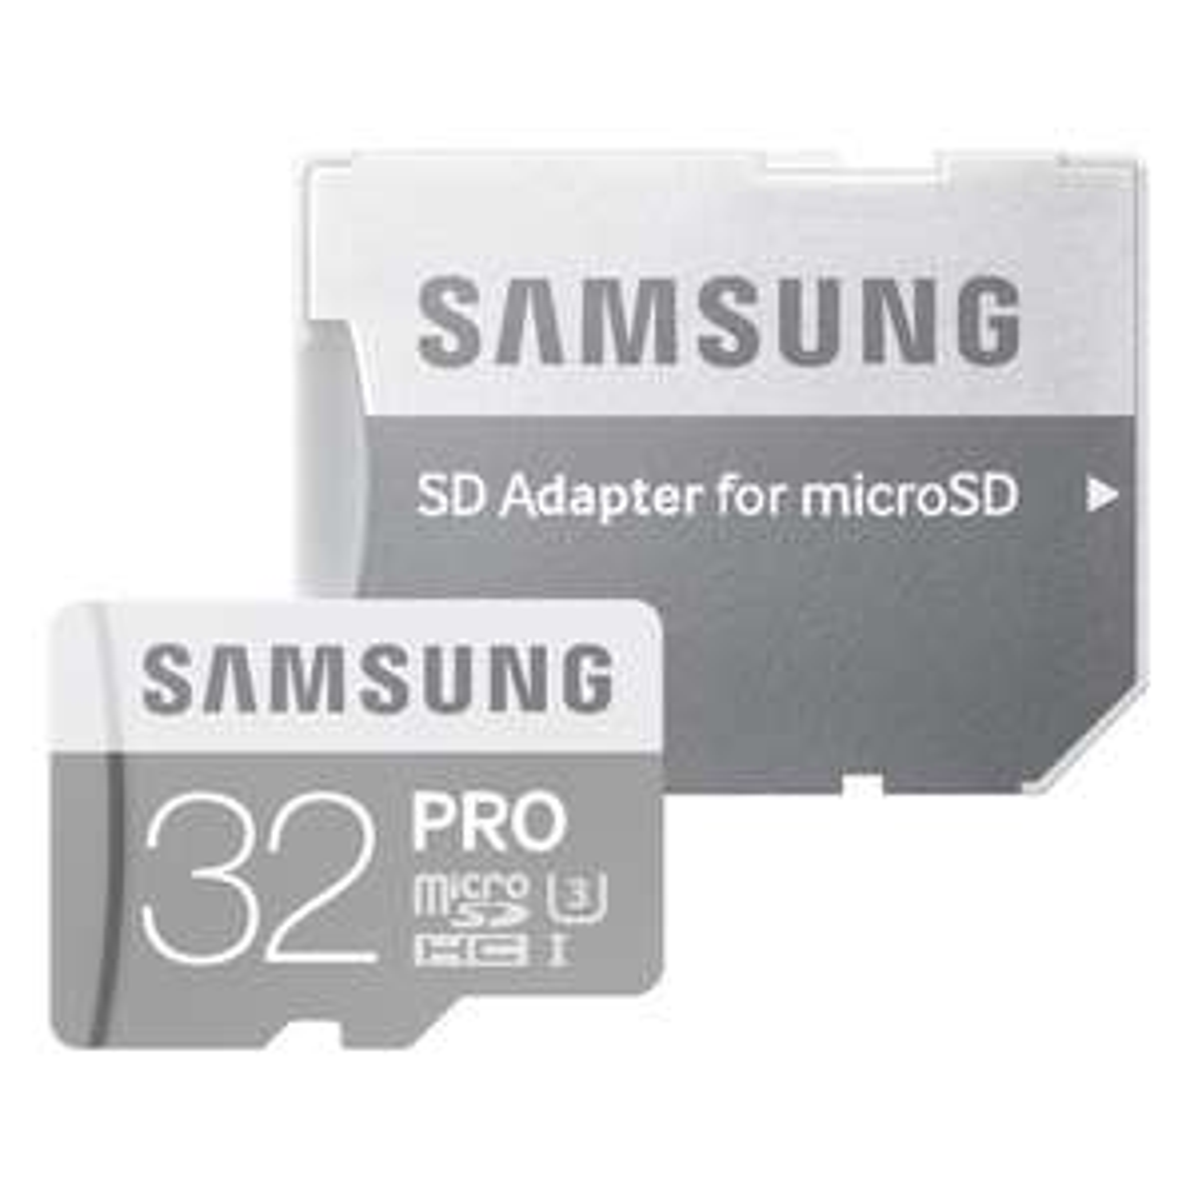 Séléction de cartes mémoires microSDHC et microSDXC Samsung en promotion - Ex : microSDHC Samsung Pro 32Go classe 10 + adaptateur